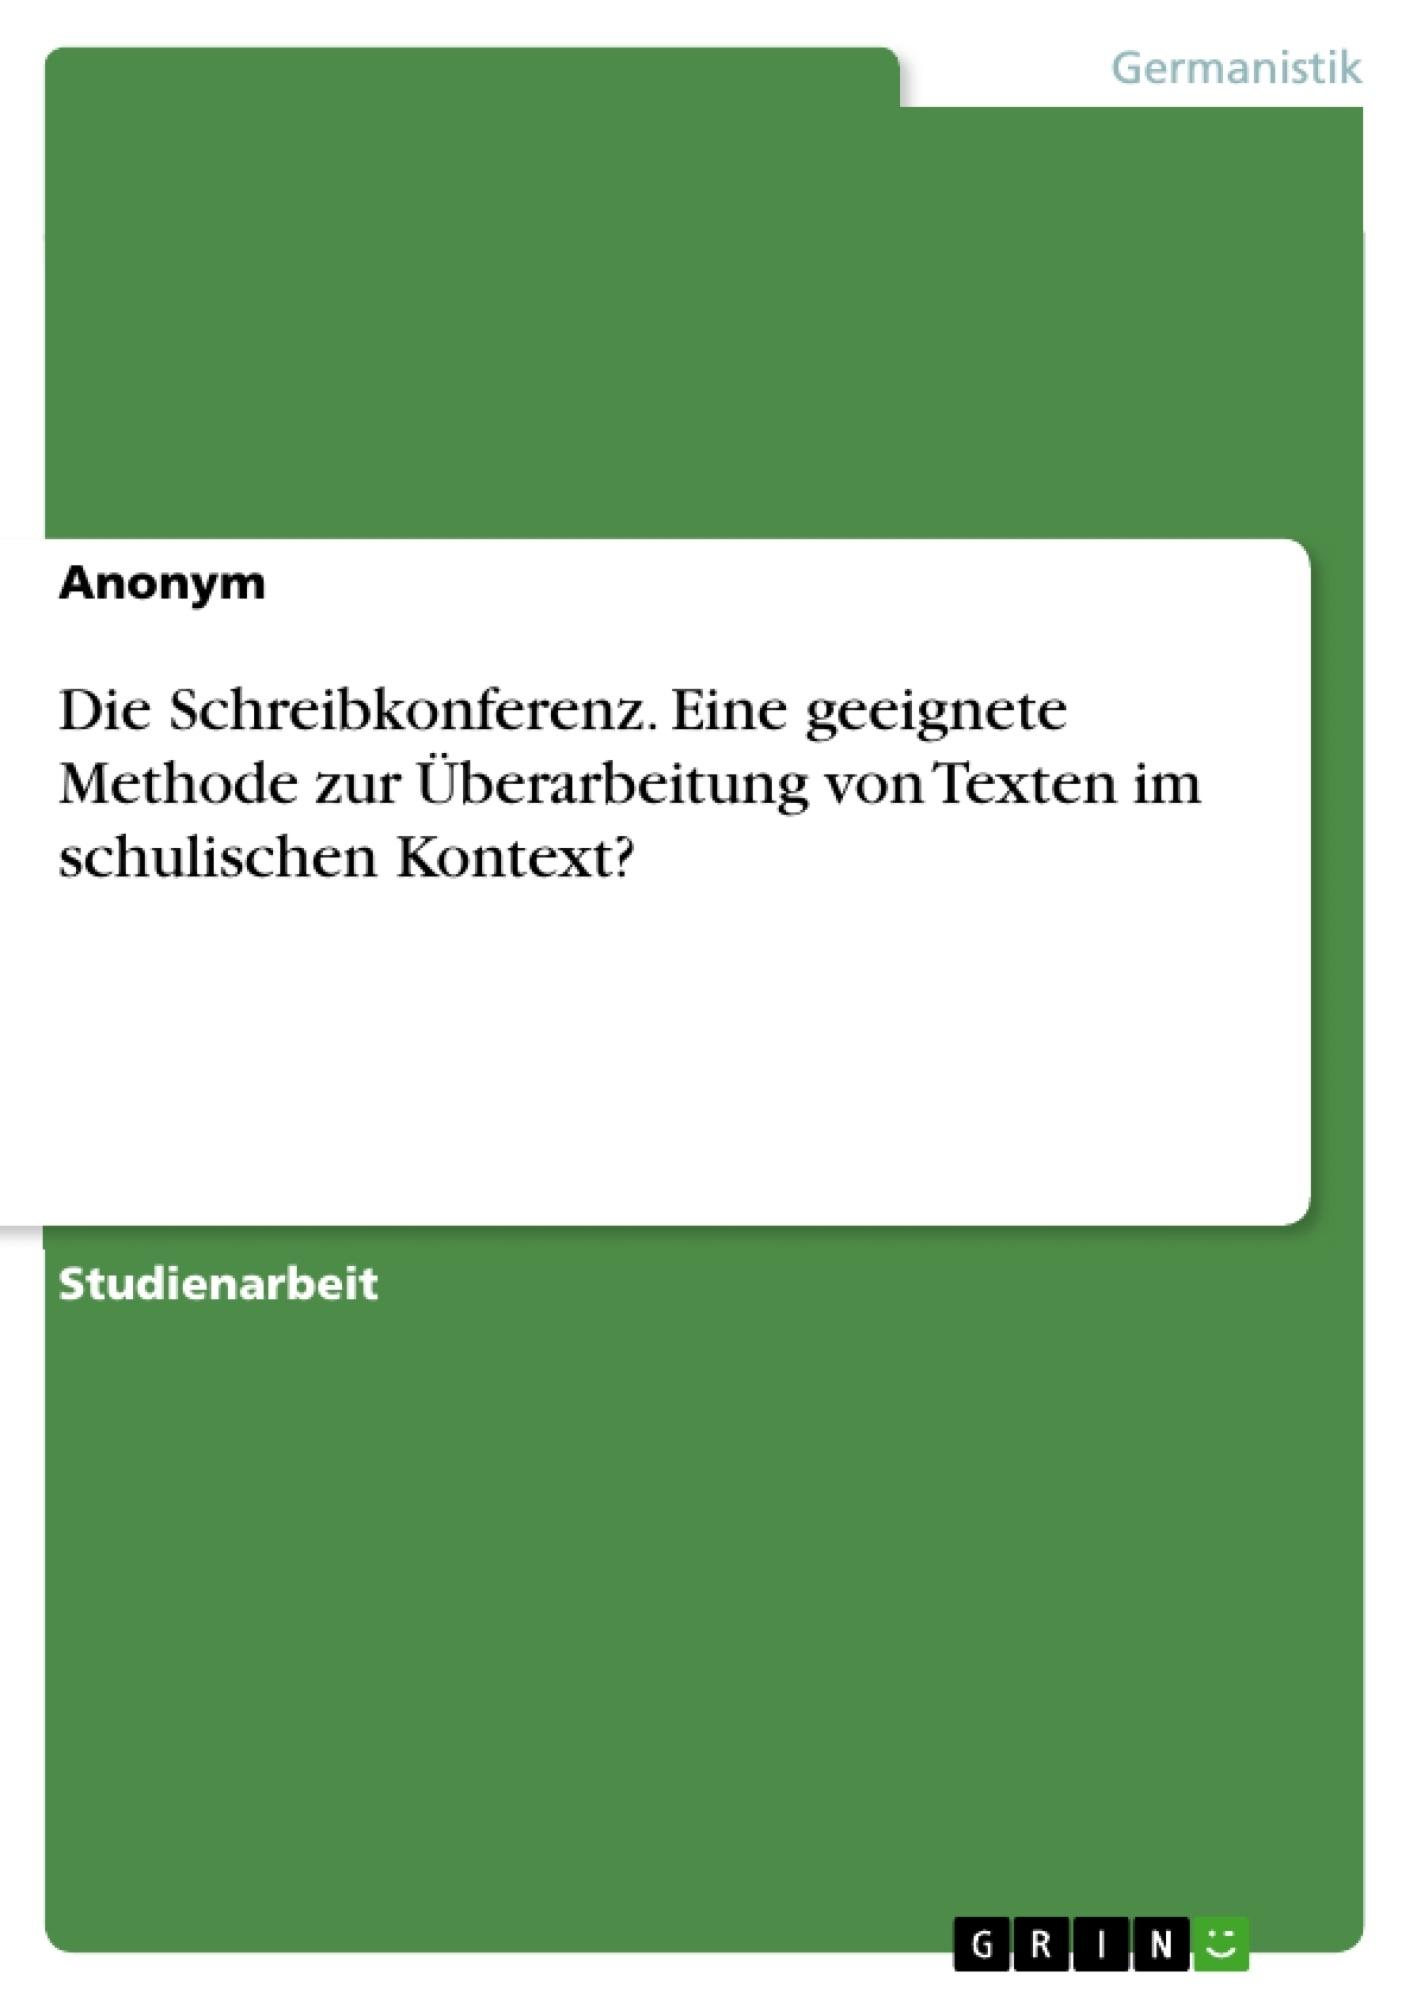 Titel: Die Schreibkonferenz. Eine geeignete Methode zur Überarbeitung von Texten im schulischen Kontext?